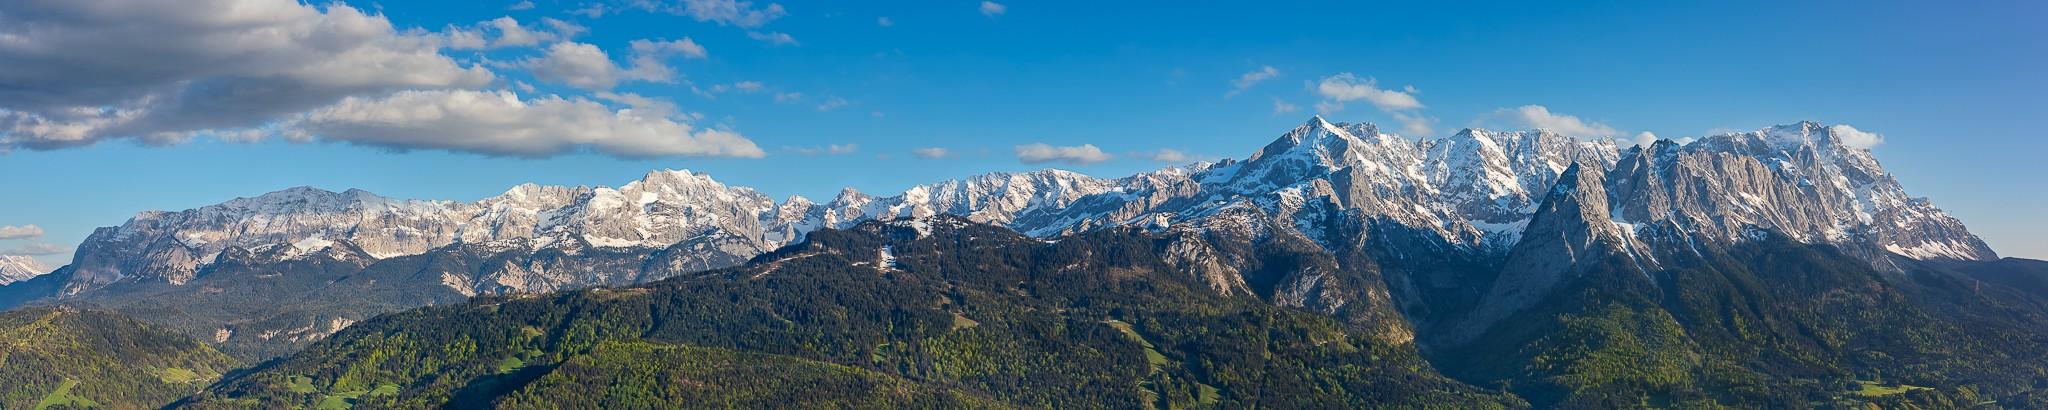 Panoramablick auf die Garmisch-Partenkirchener Berge. Wettersteingebirge von der unteren Wettersteinspitze - Wettersteingrat - Partenkirchener Dreitorspitze- Alpspitze - Jubiläumsgrat - Zugspitze.